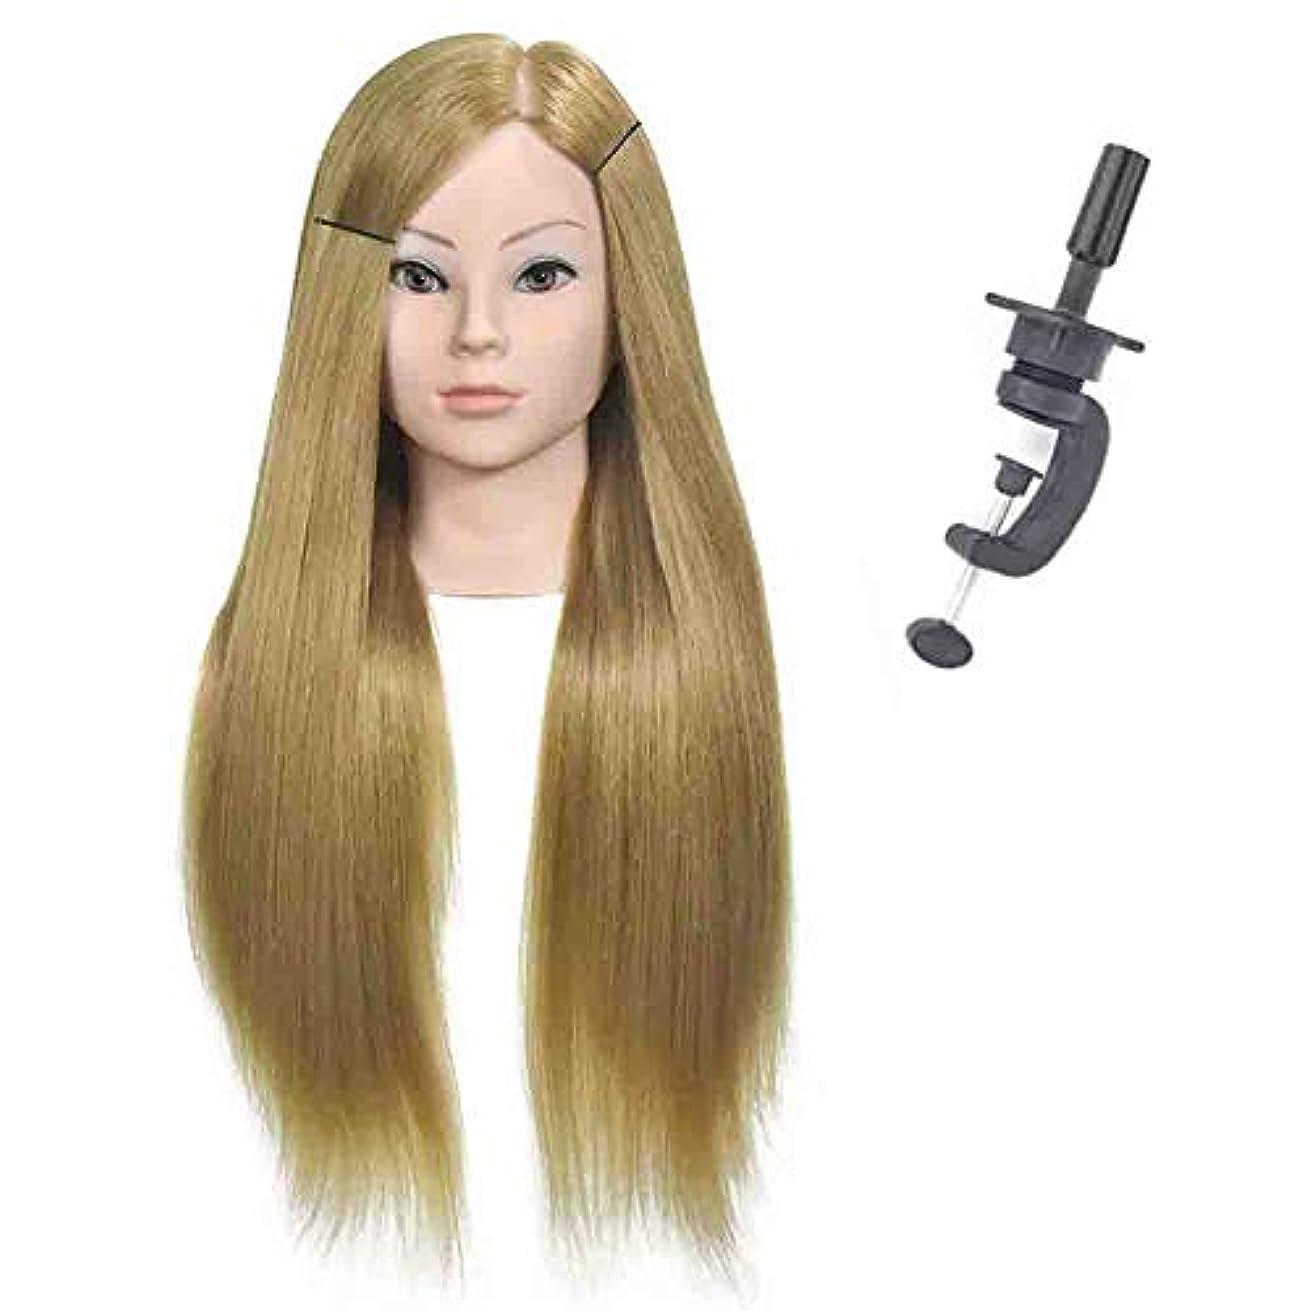 証明ペストリー予言する花嫁メイクモデリング教育ヘッド本物の人物ヘアダミーヘッドモデル理髪店学習パーマ髪染めモデルヘッド